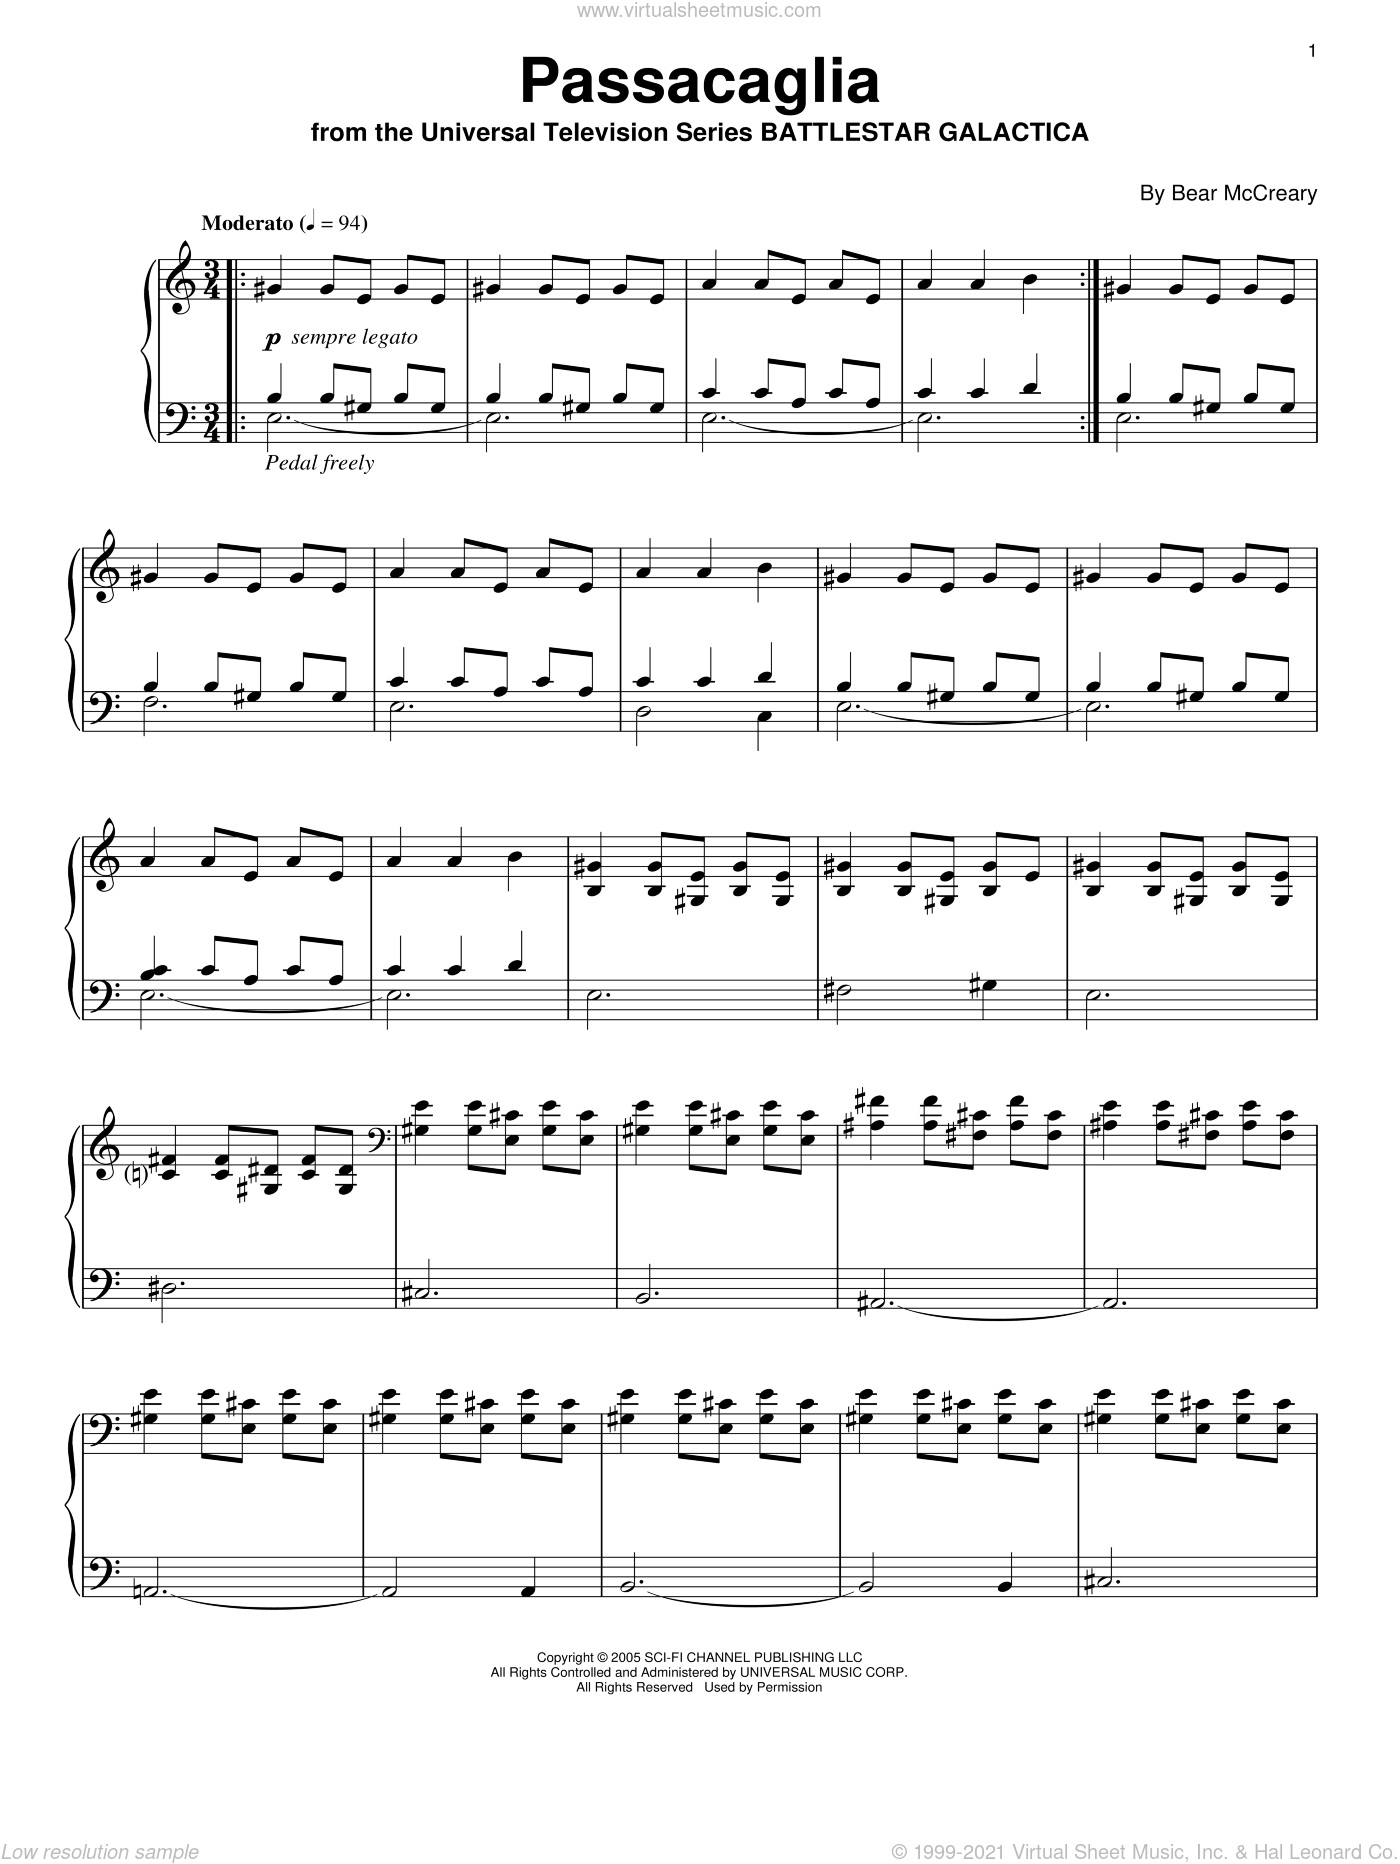 Passacaglia Free Sheet Music For Violin And Cello